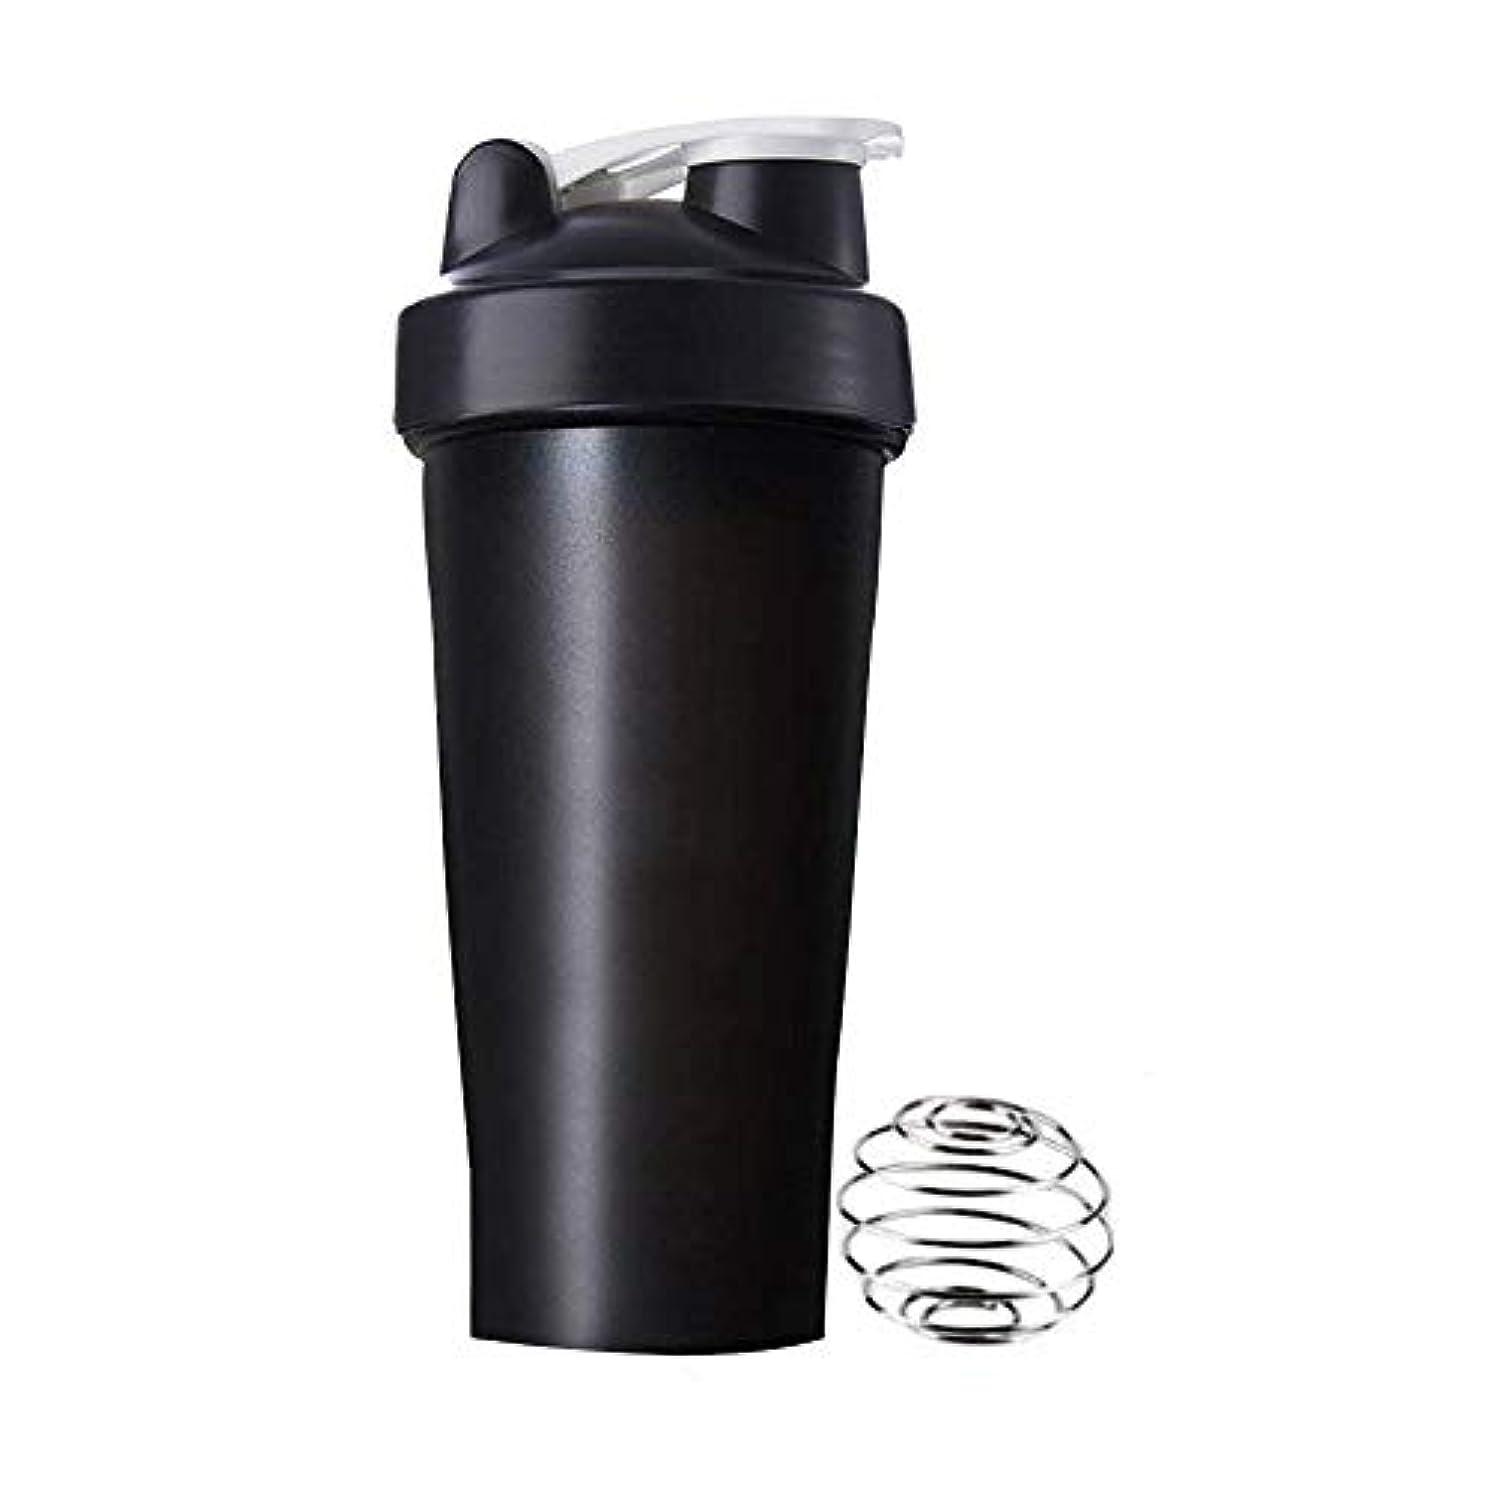 ロードブロッキング傾向があるあいさつAomgsd プロテインシェイカー 直飲み プラスチックウォーターボトル ジム シェーカーボトル 600ml